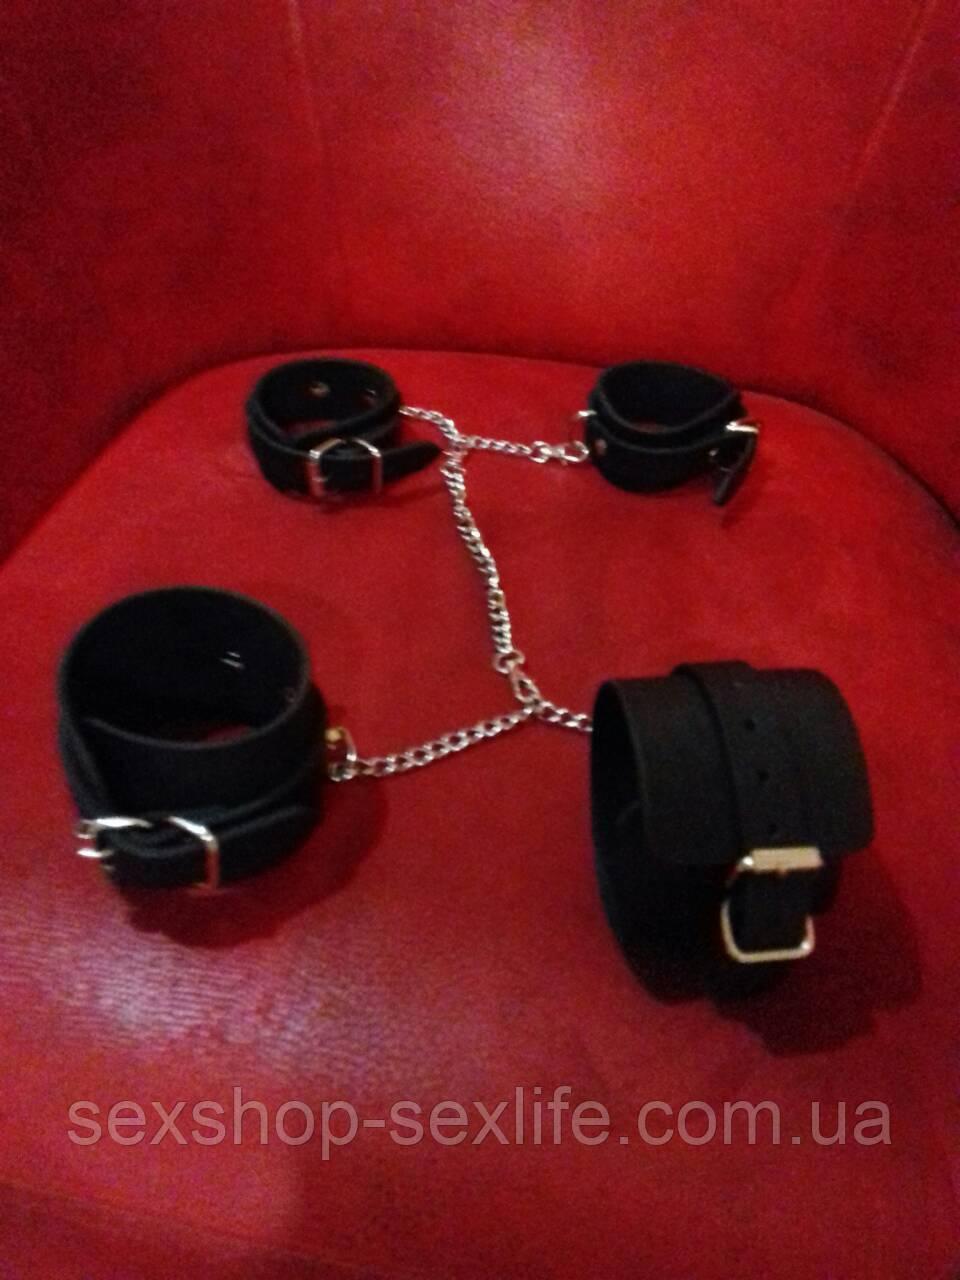 Кожаный набор:наручники и наножники с цепями:фиксация DogyStyle